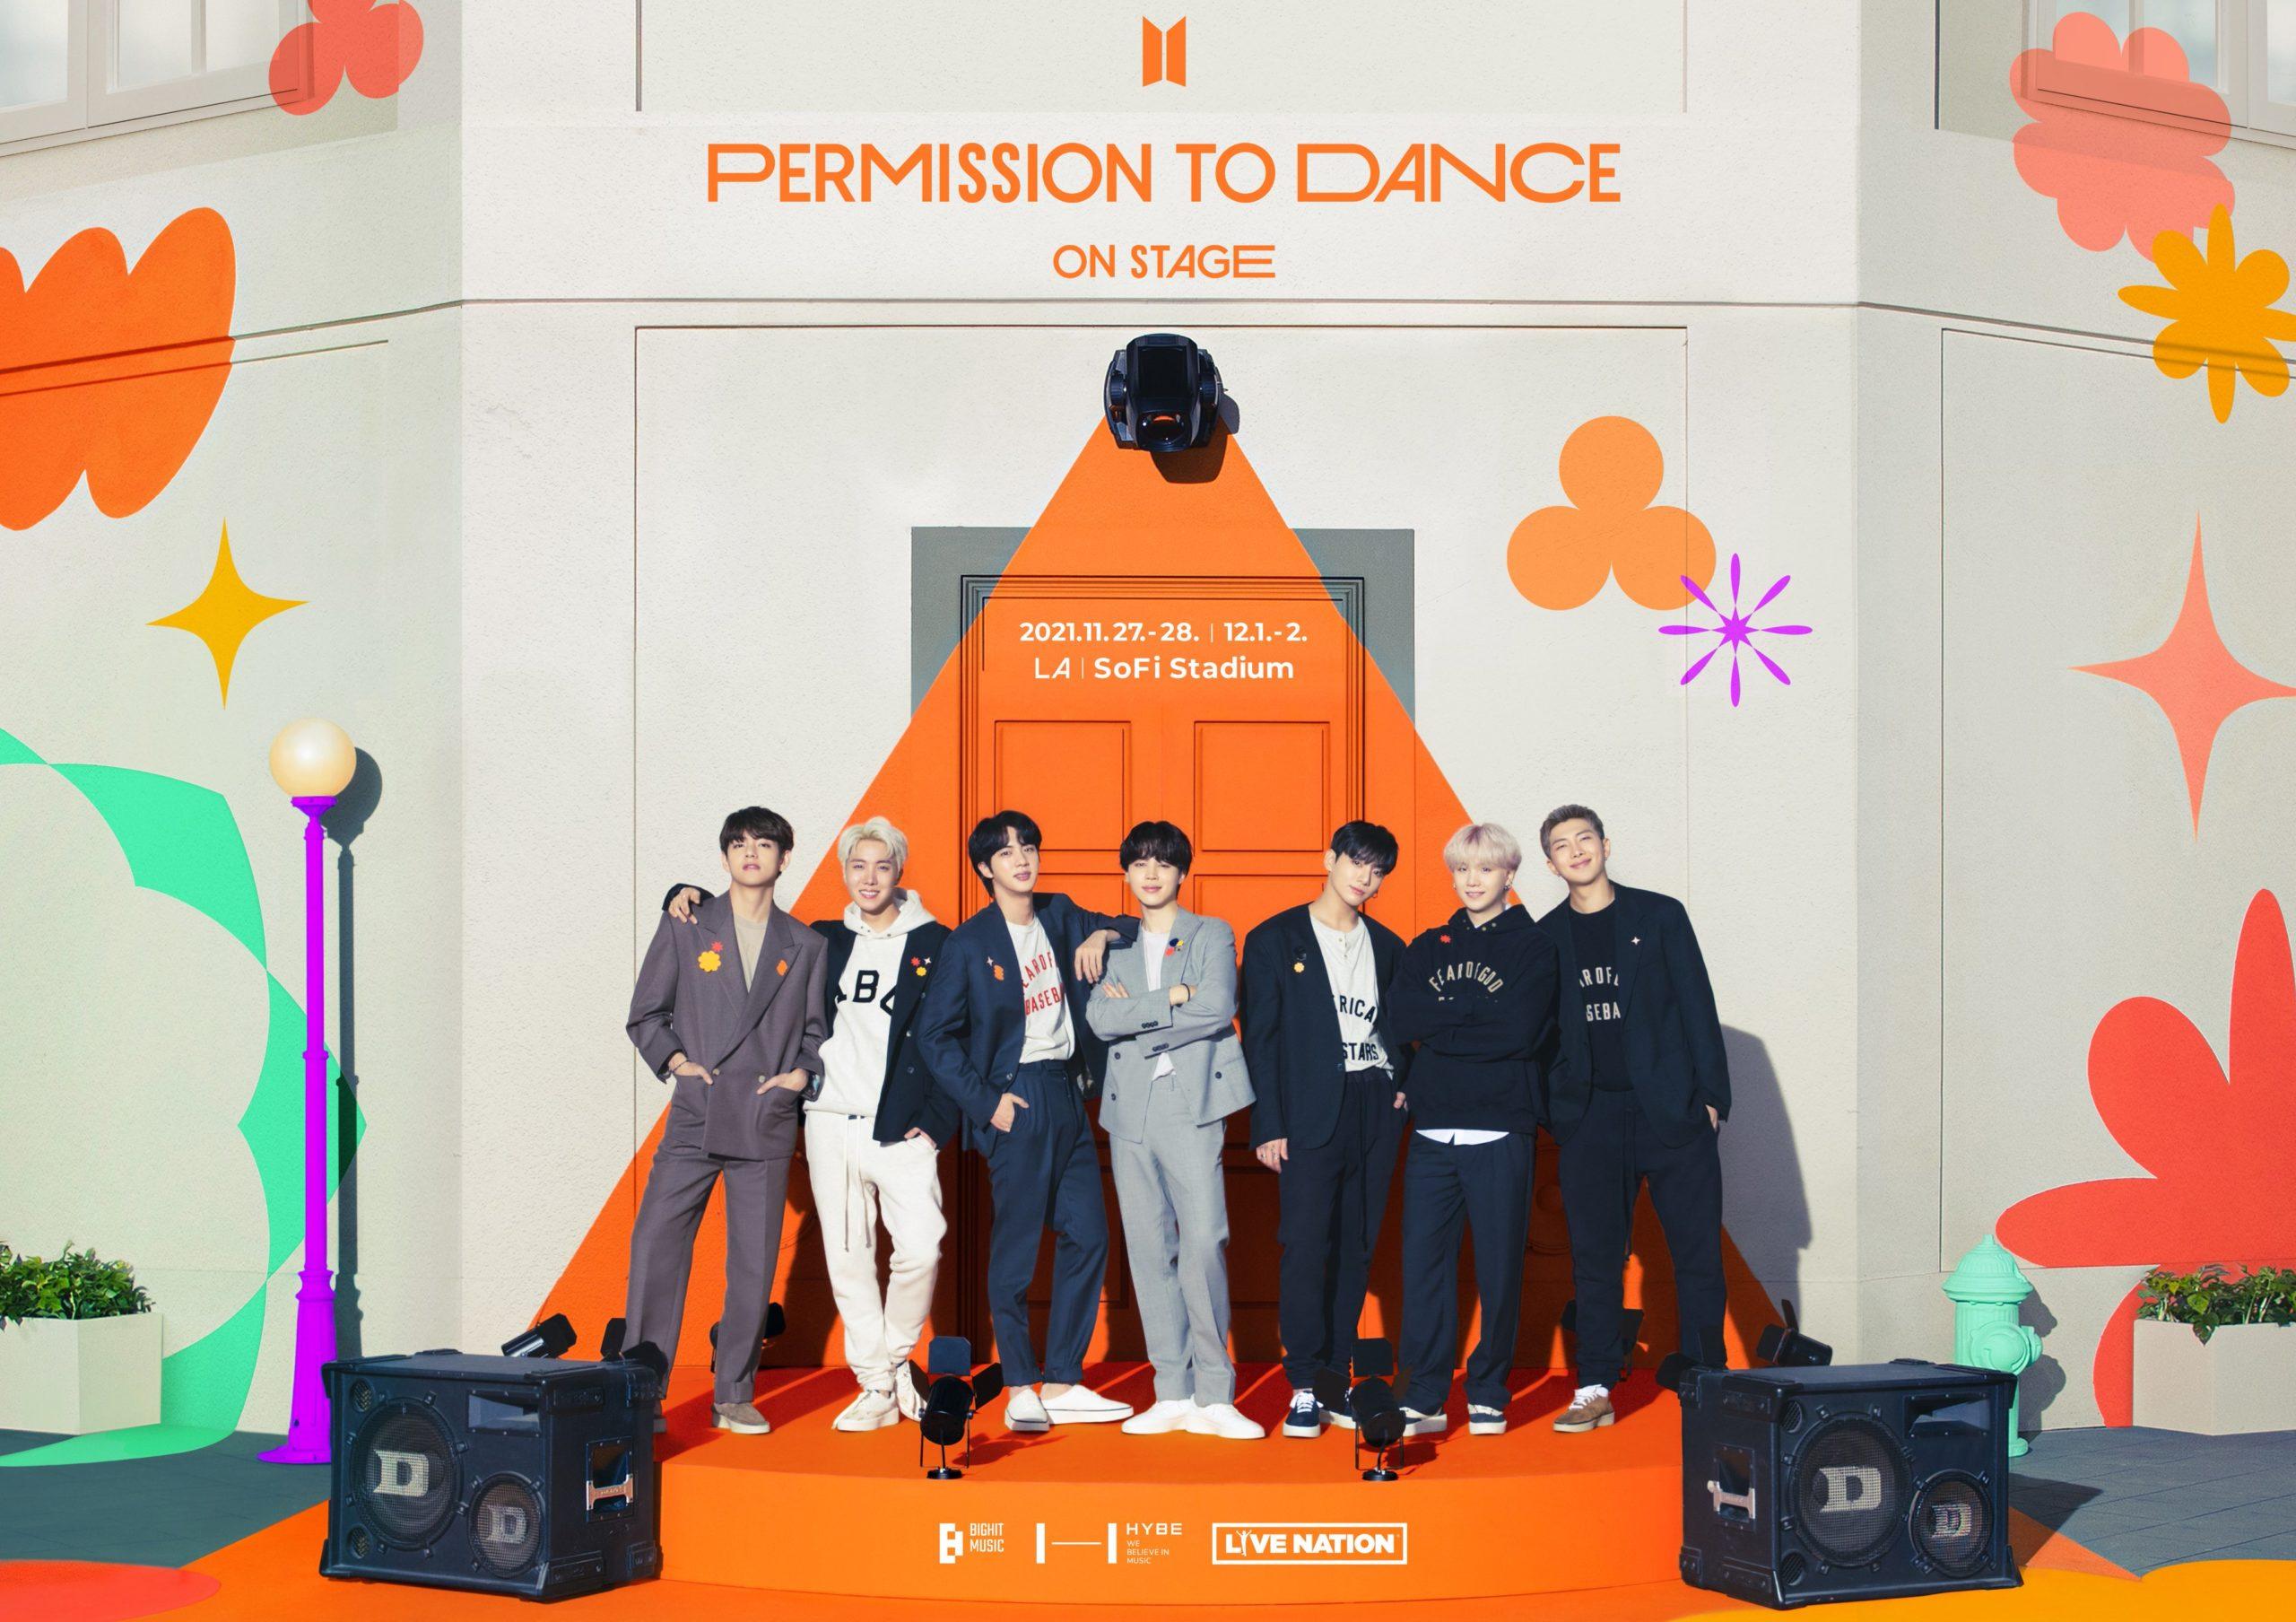 bts-permission-to-dance-on-stage-la